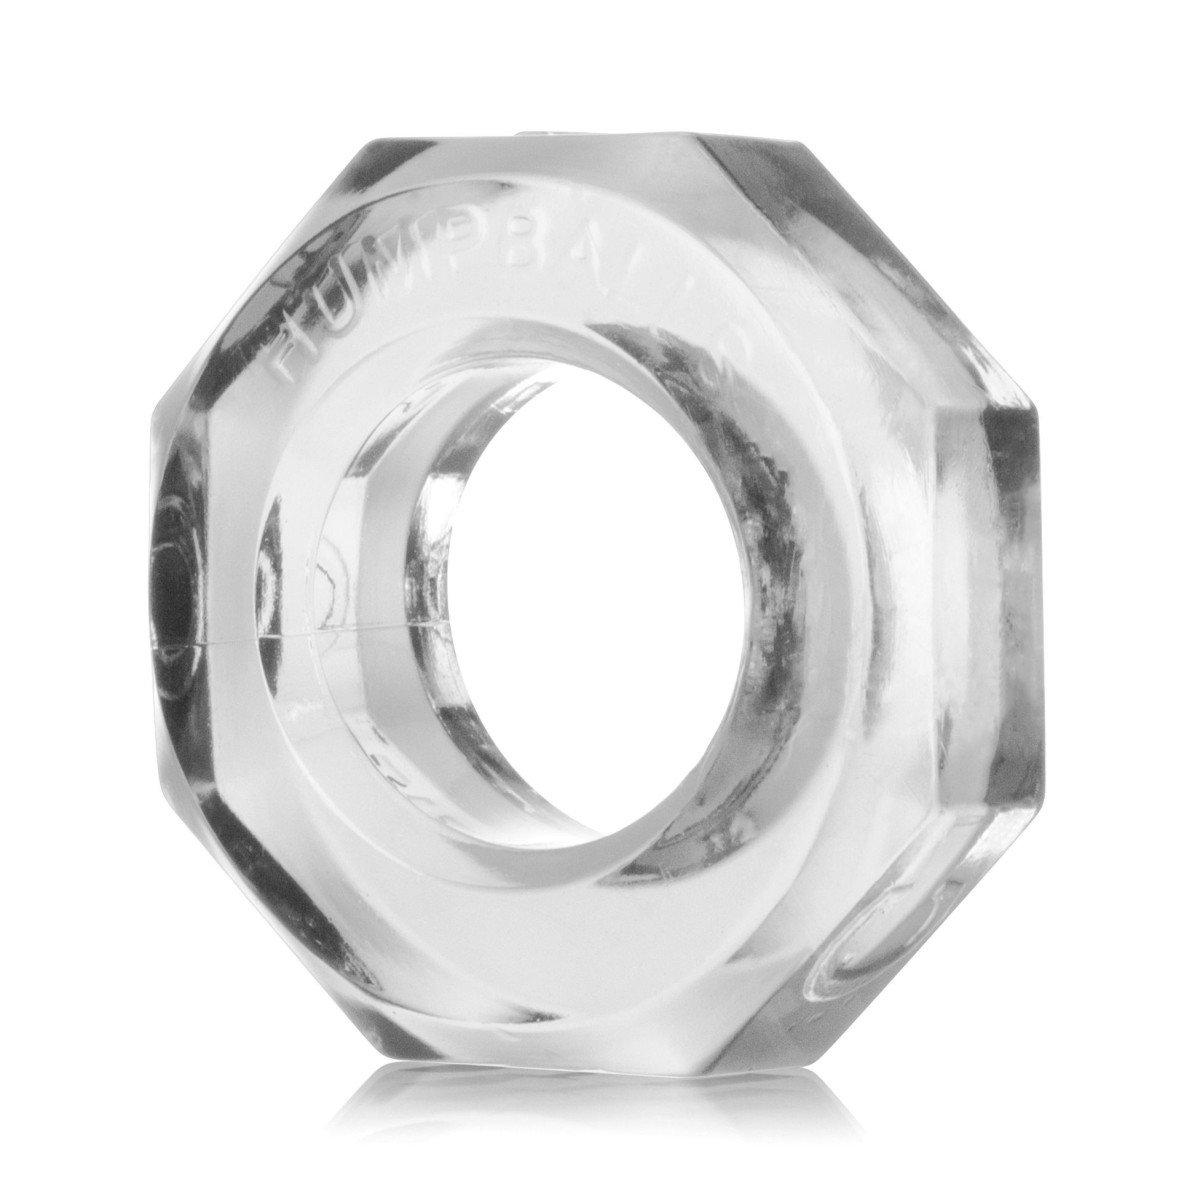 Oxballs Humpballs Cock Ring Clear